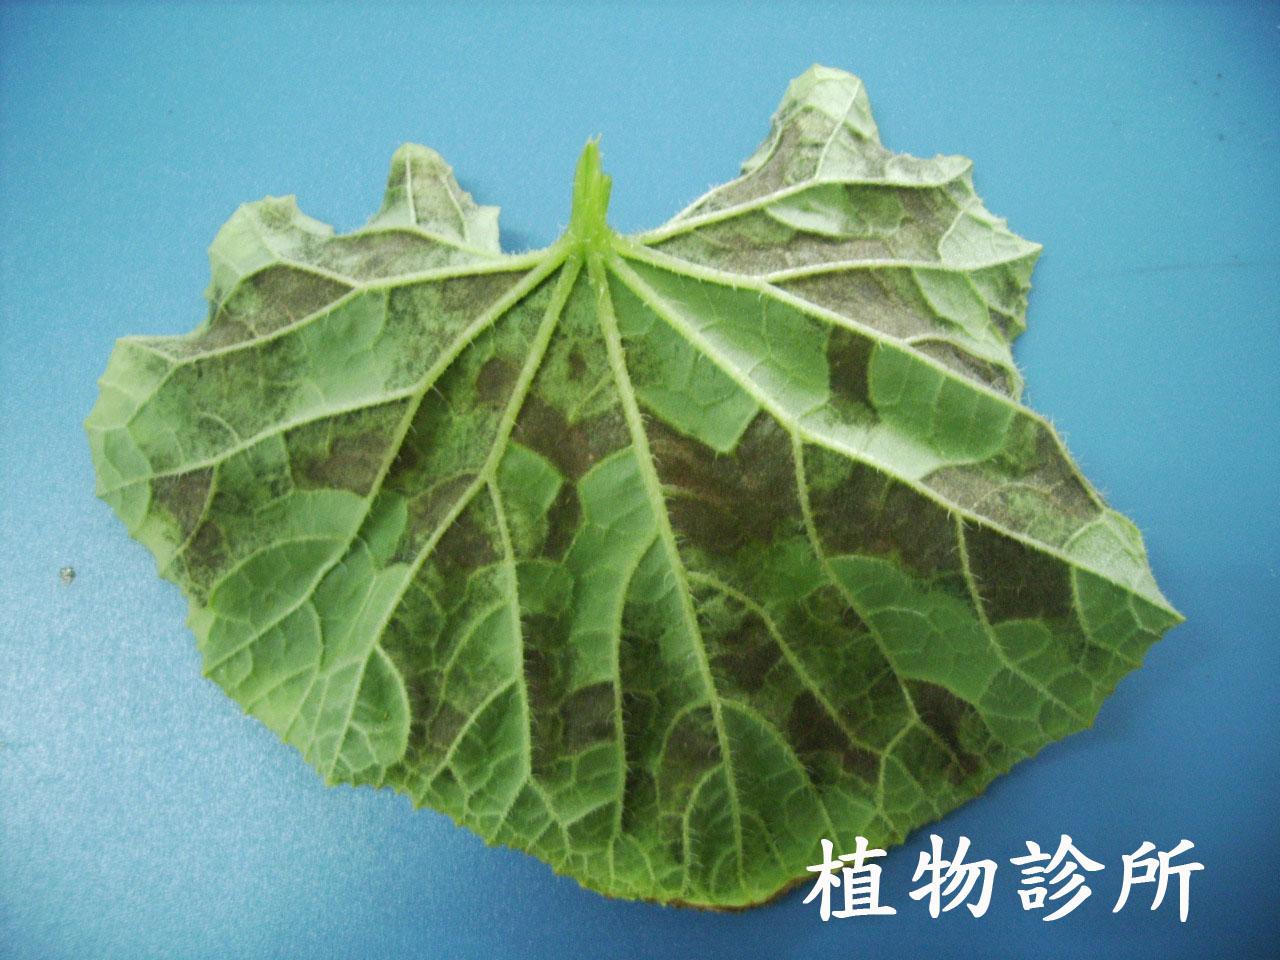 植物診所: 甜瓜露菌病(Downy mildew)